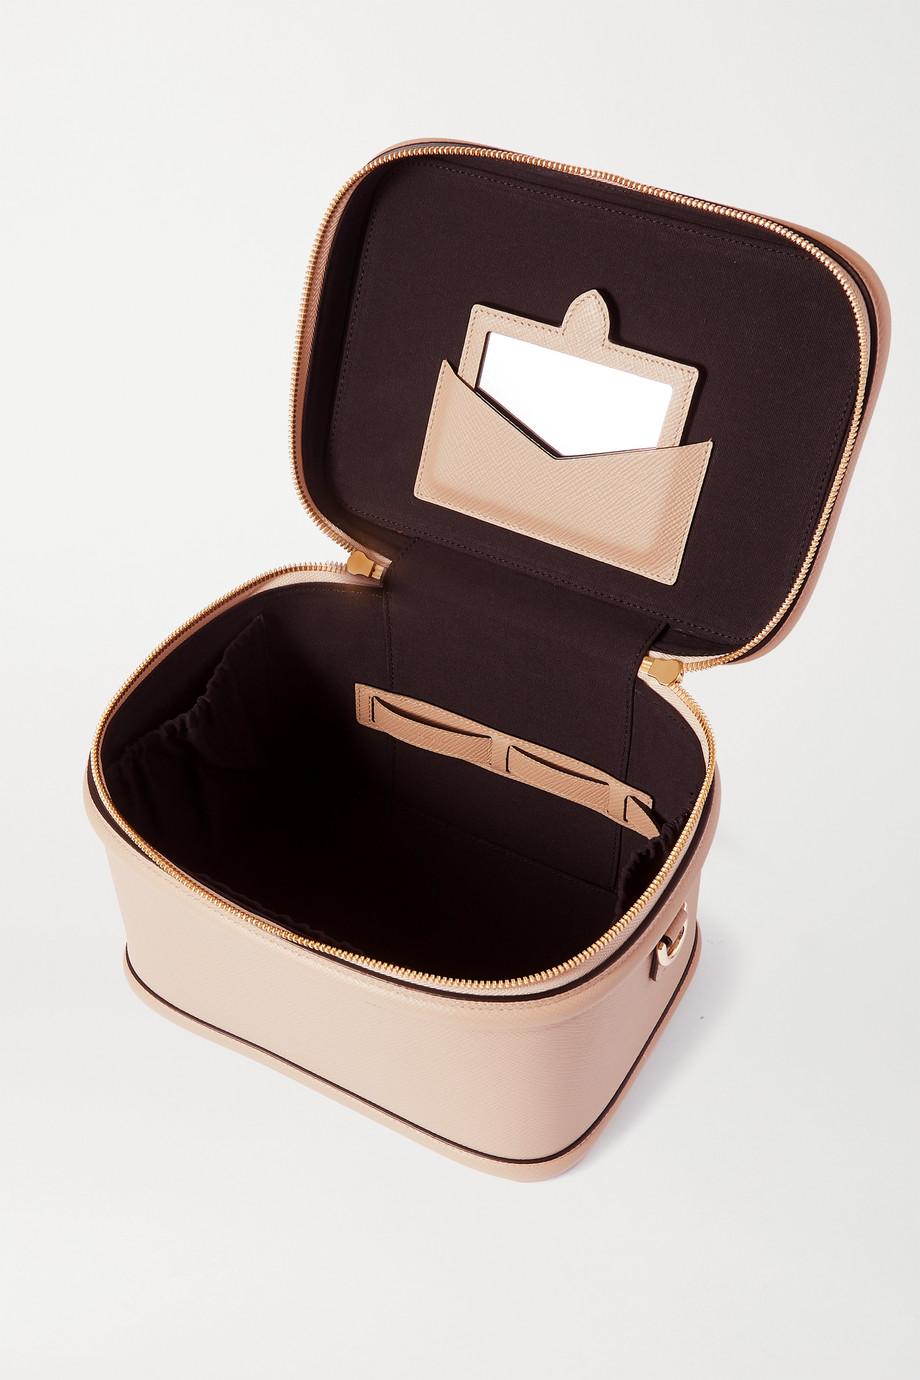 Smythson Panama Kosmetikkoffer aus strukturiertem Leder